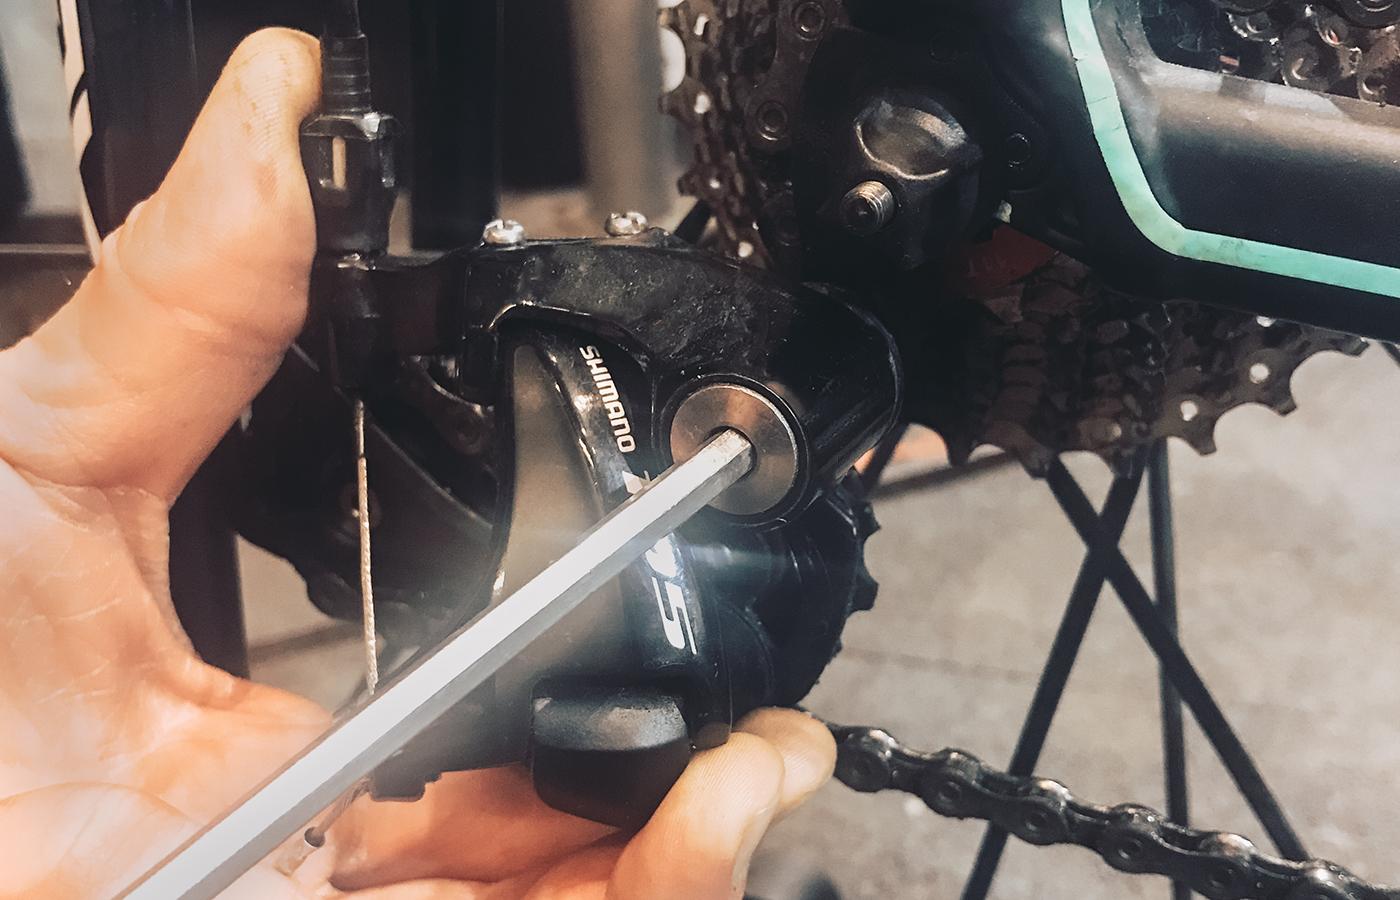 Den empflindlichsten Part des Rads am besten abschrauben und einpacken: das Schaltwerk.